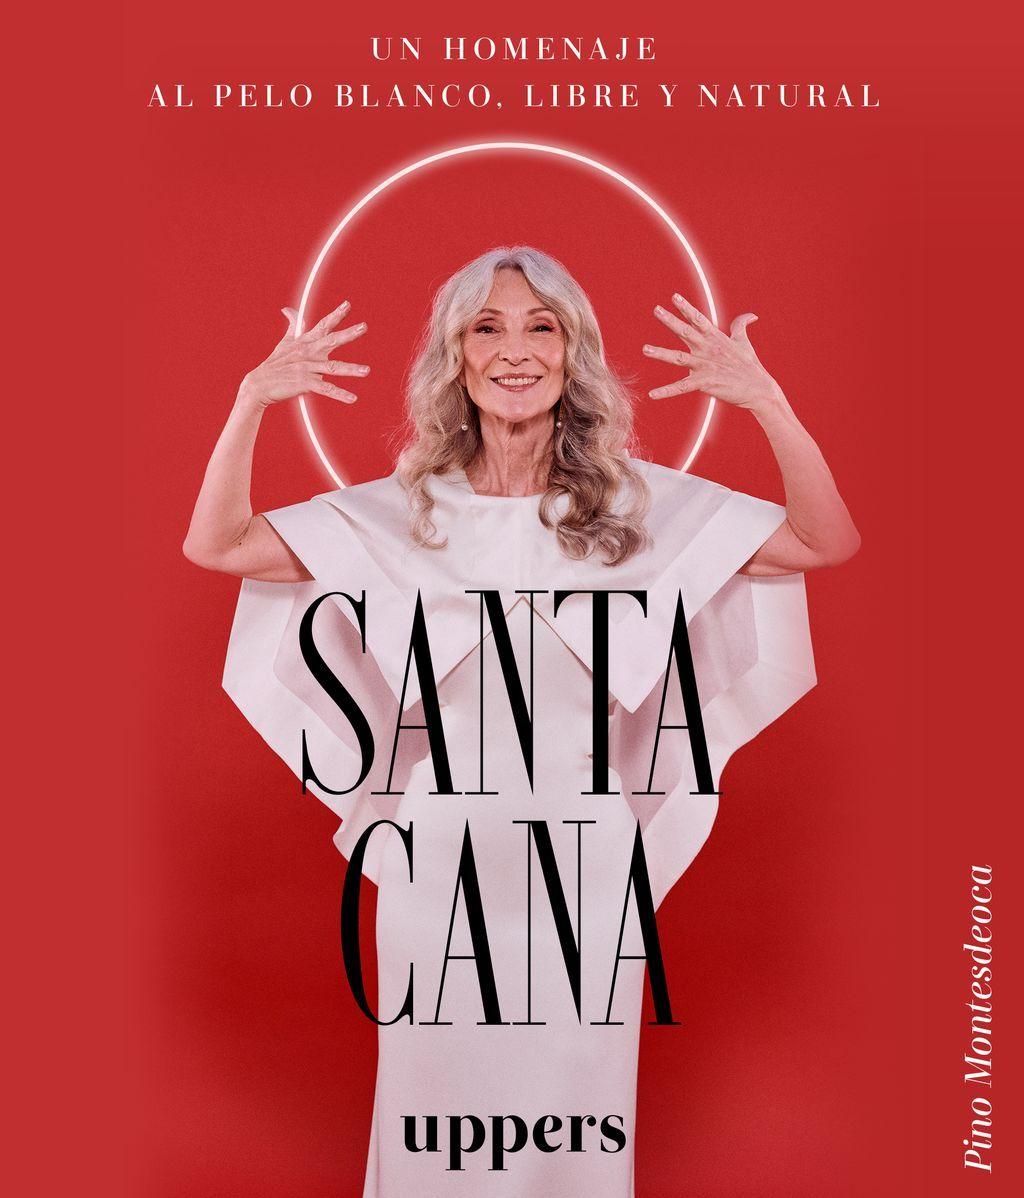 Santa_Cana_Pino_Montesdeoca_Rojo